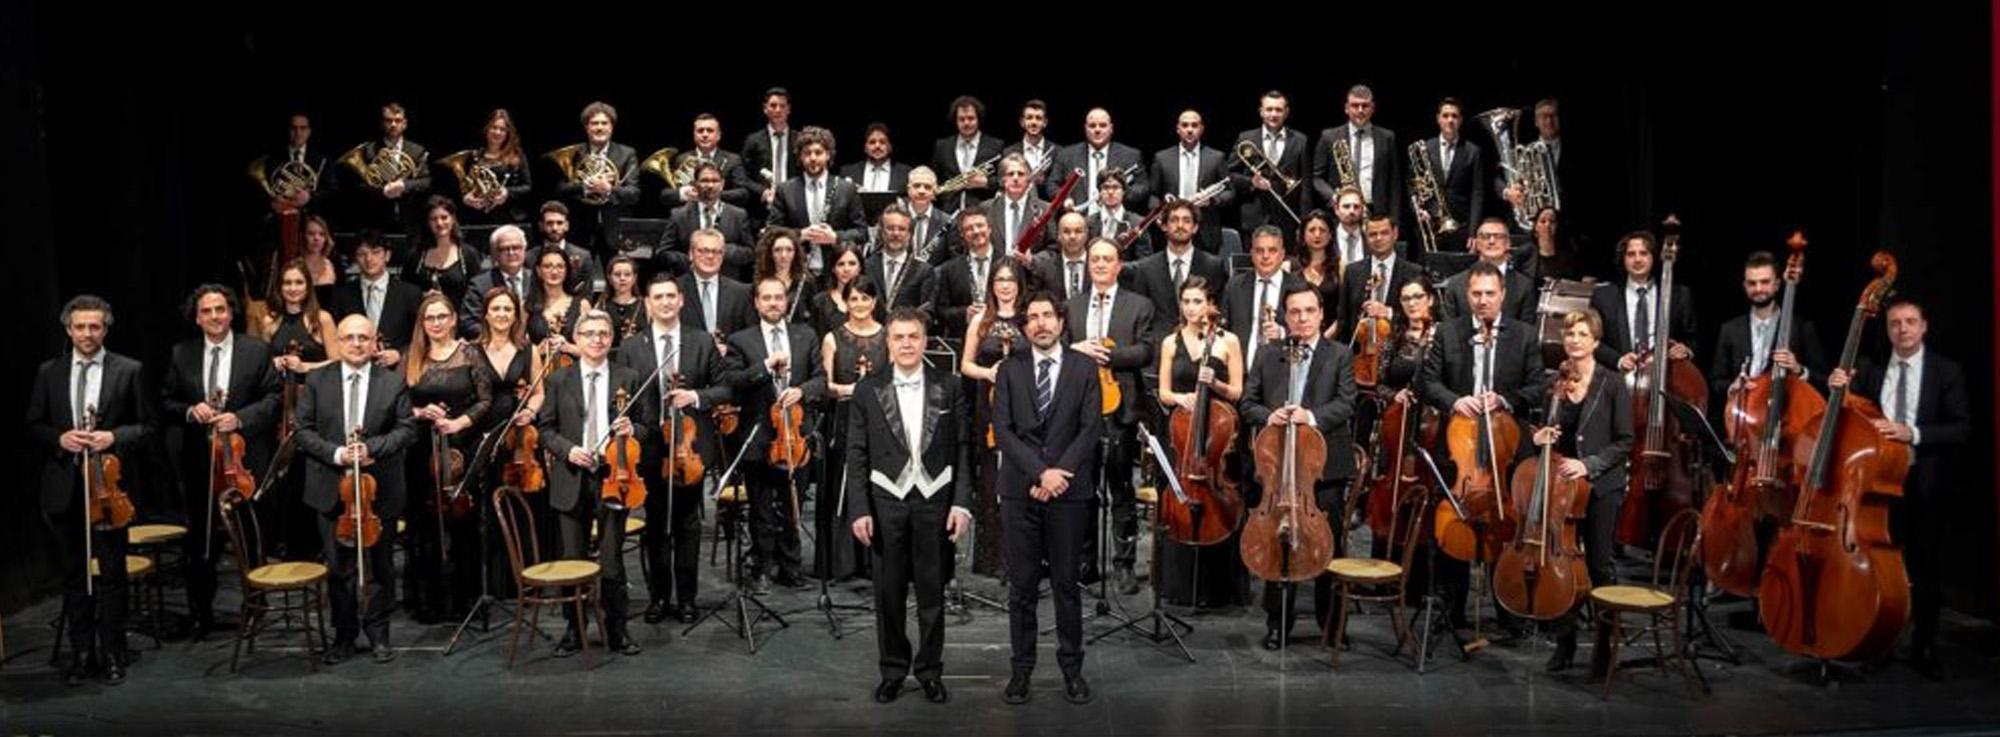 Taranto: Nuova Stagione Orchestrale 2019/2020